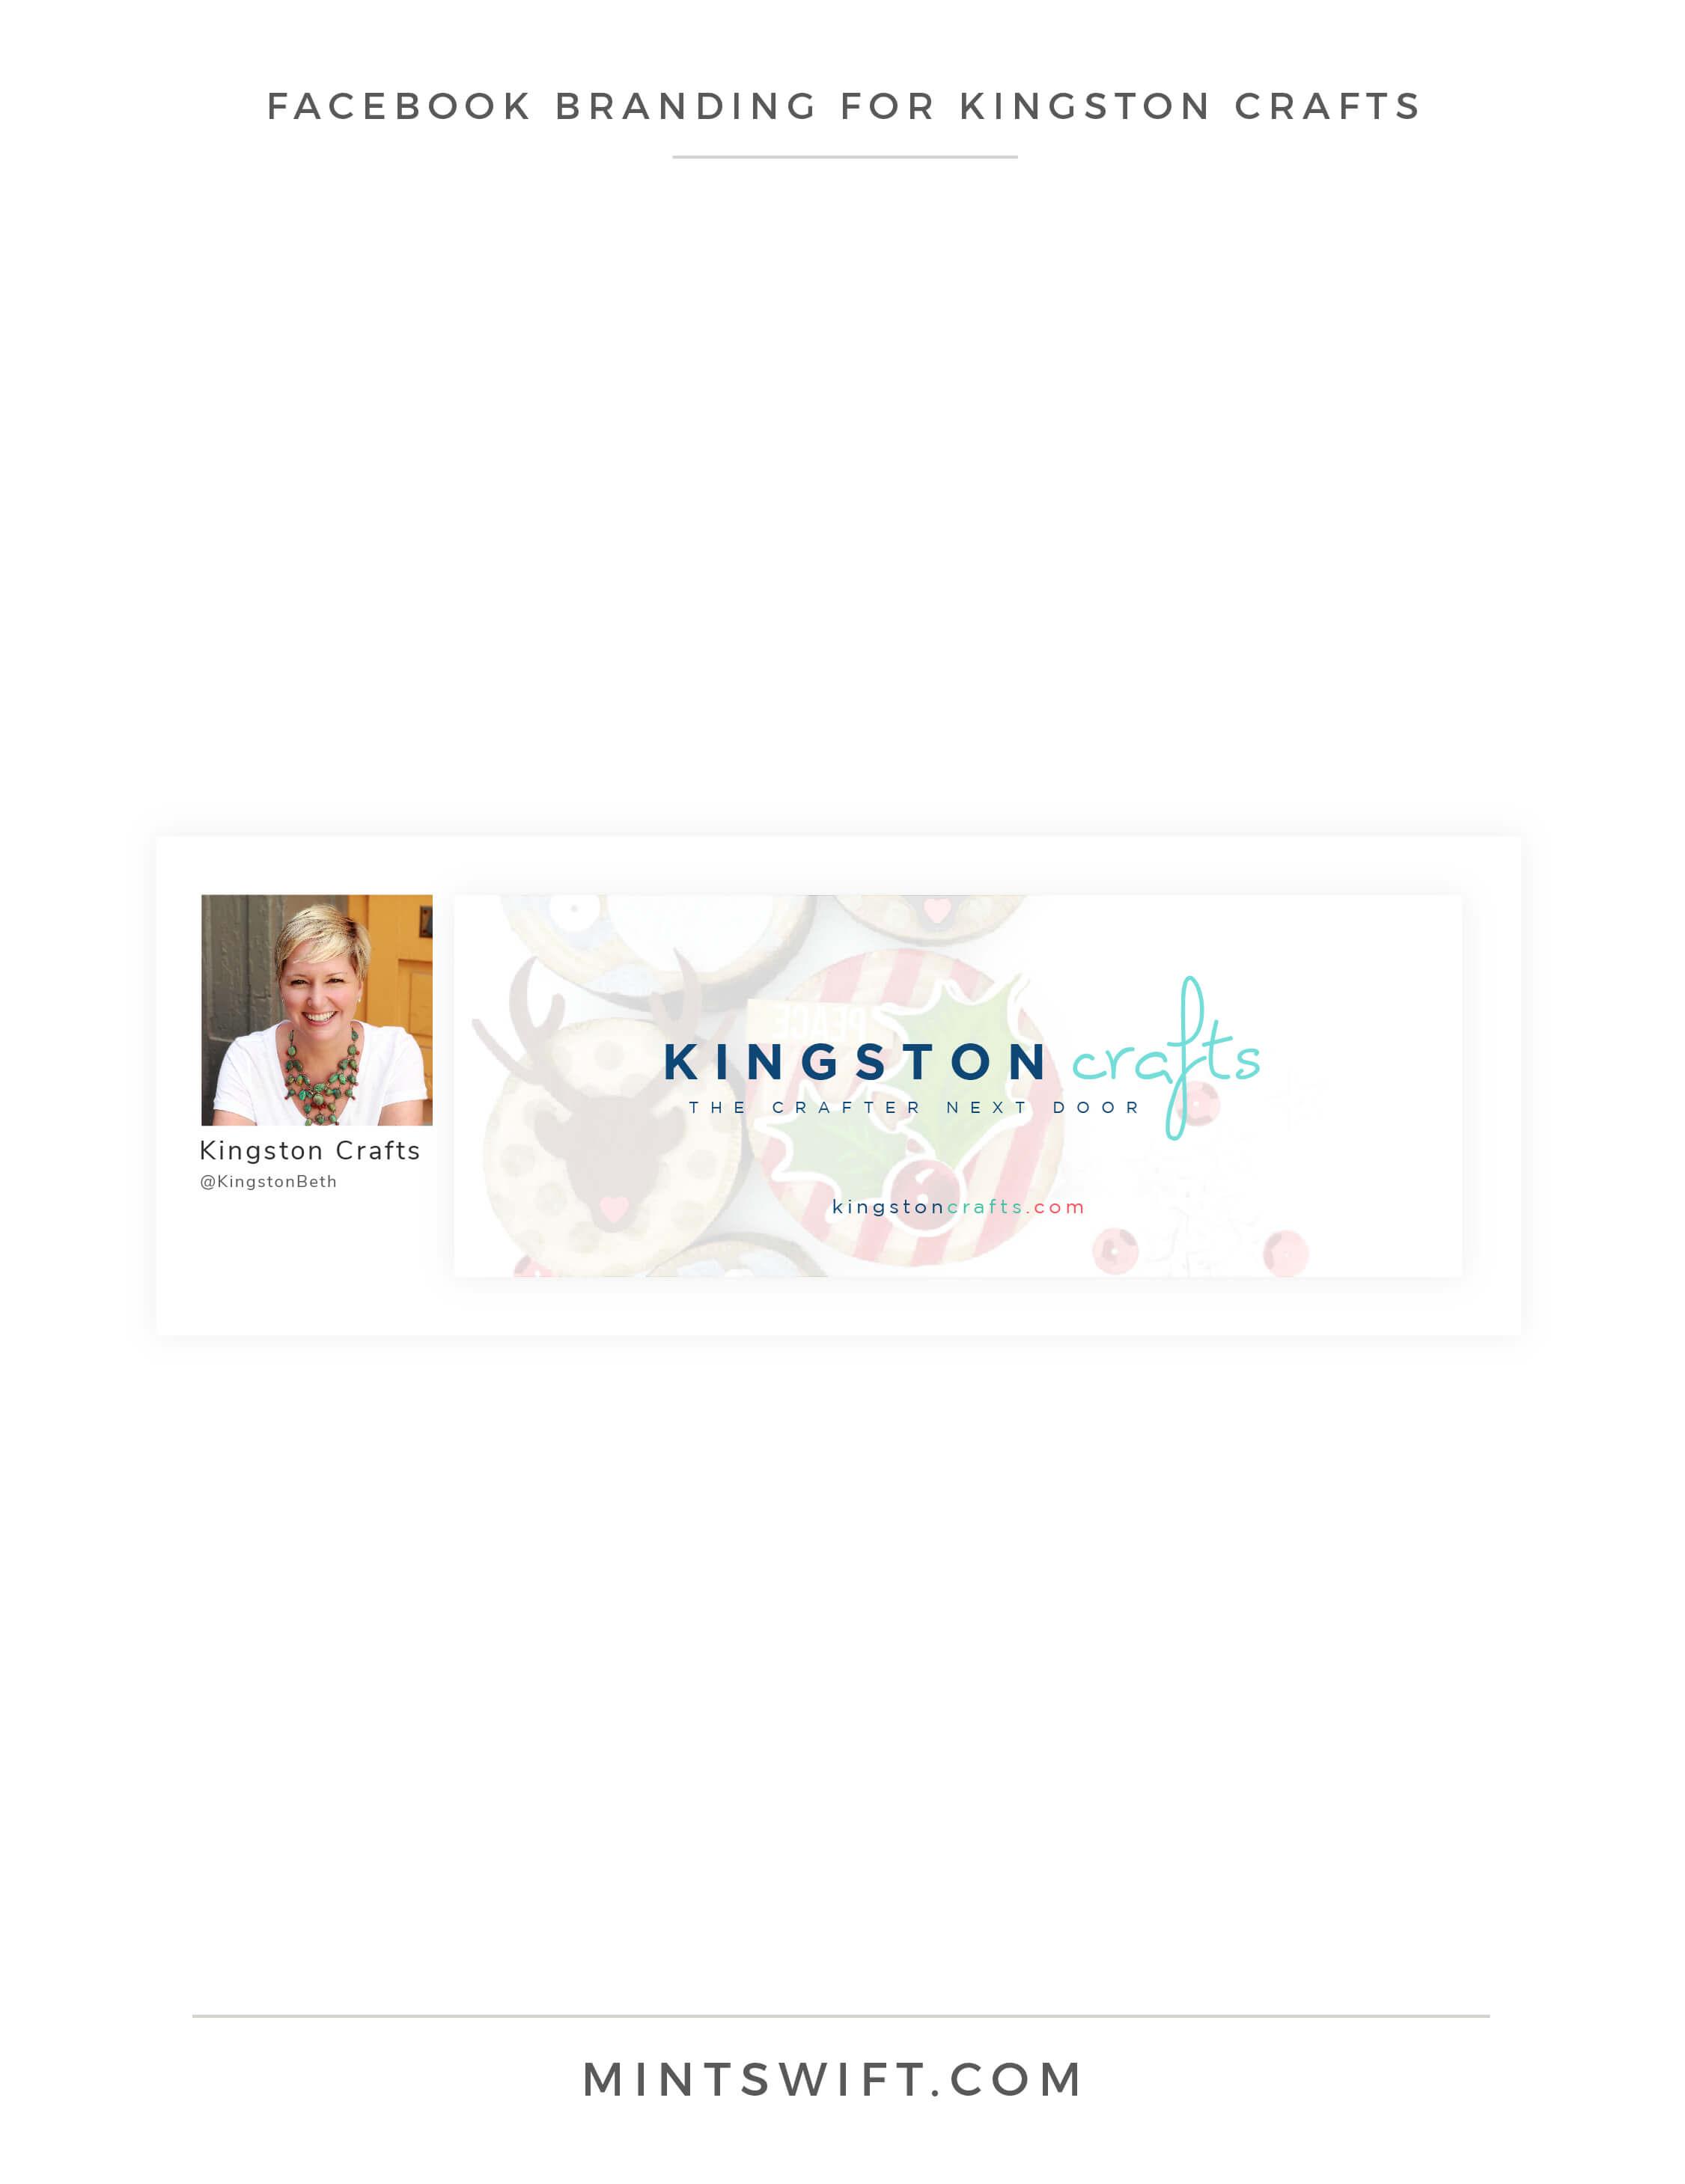 Kingston Crafts - Facebook Branding Design - Brand Design Package - MintSwift